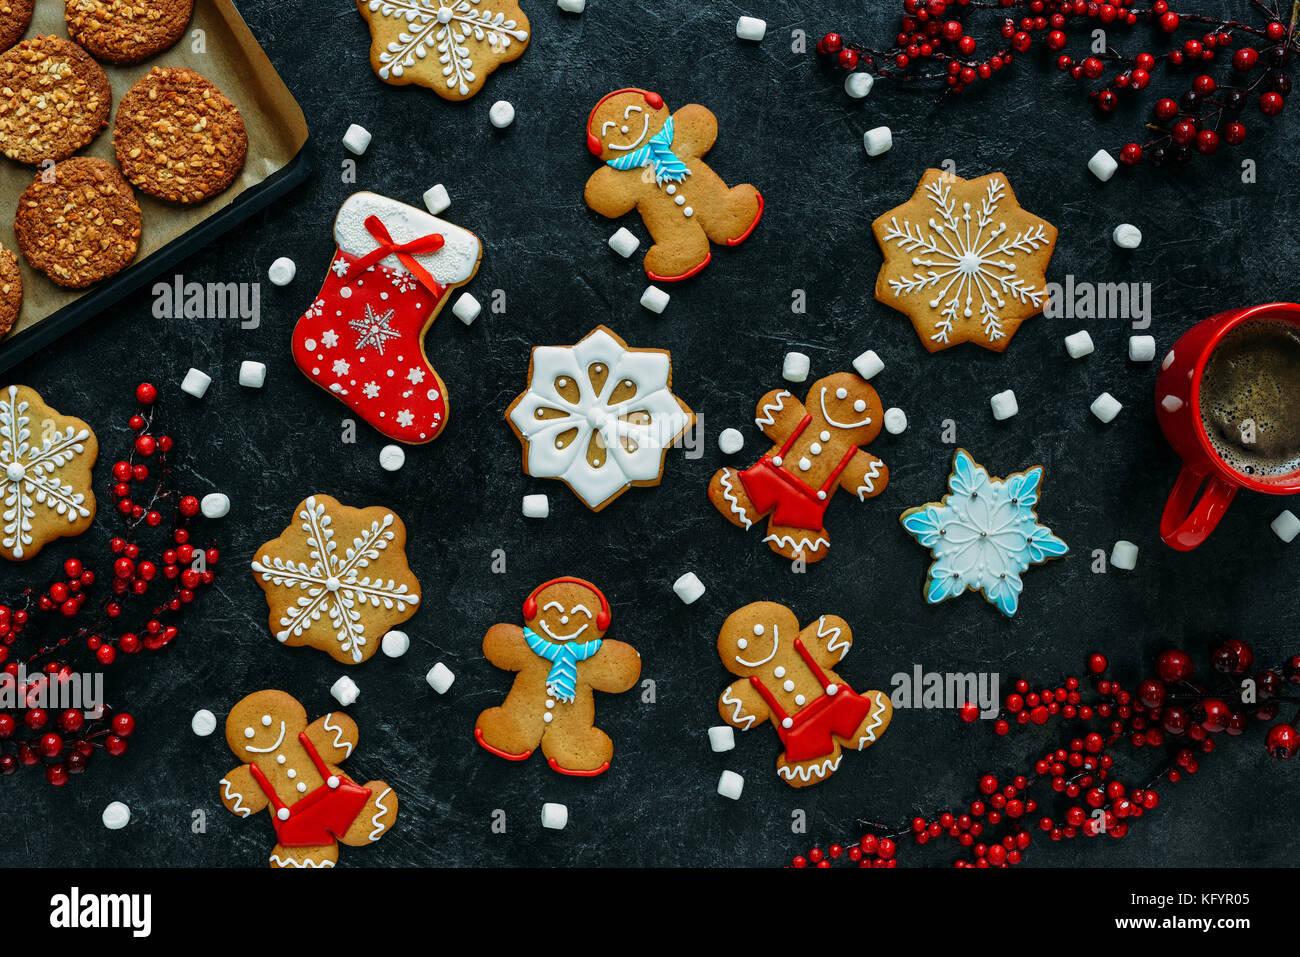 Weihnachten Lebkuchen und Kaffee Stockbild